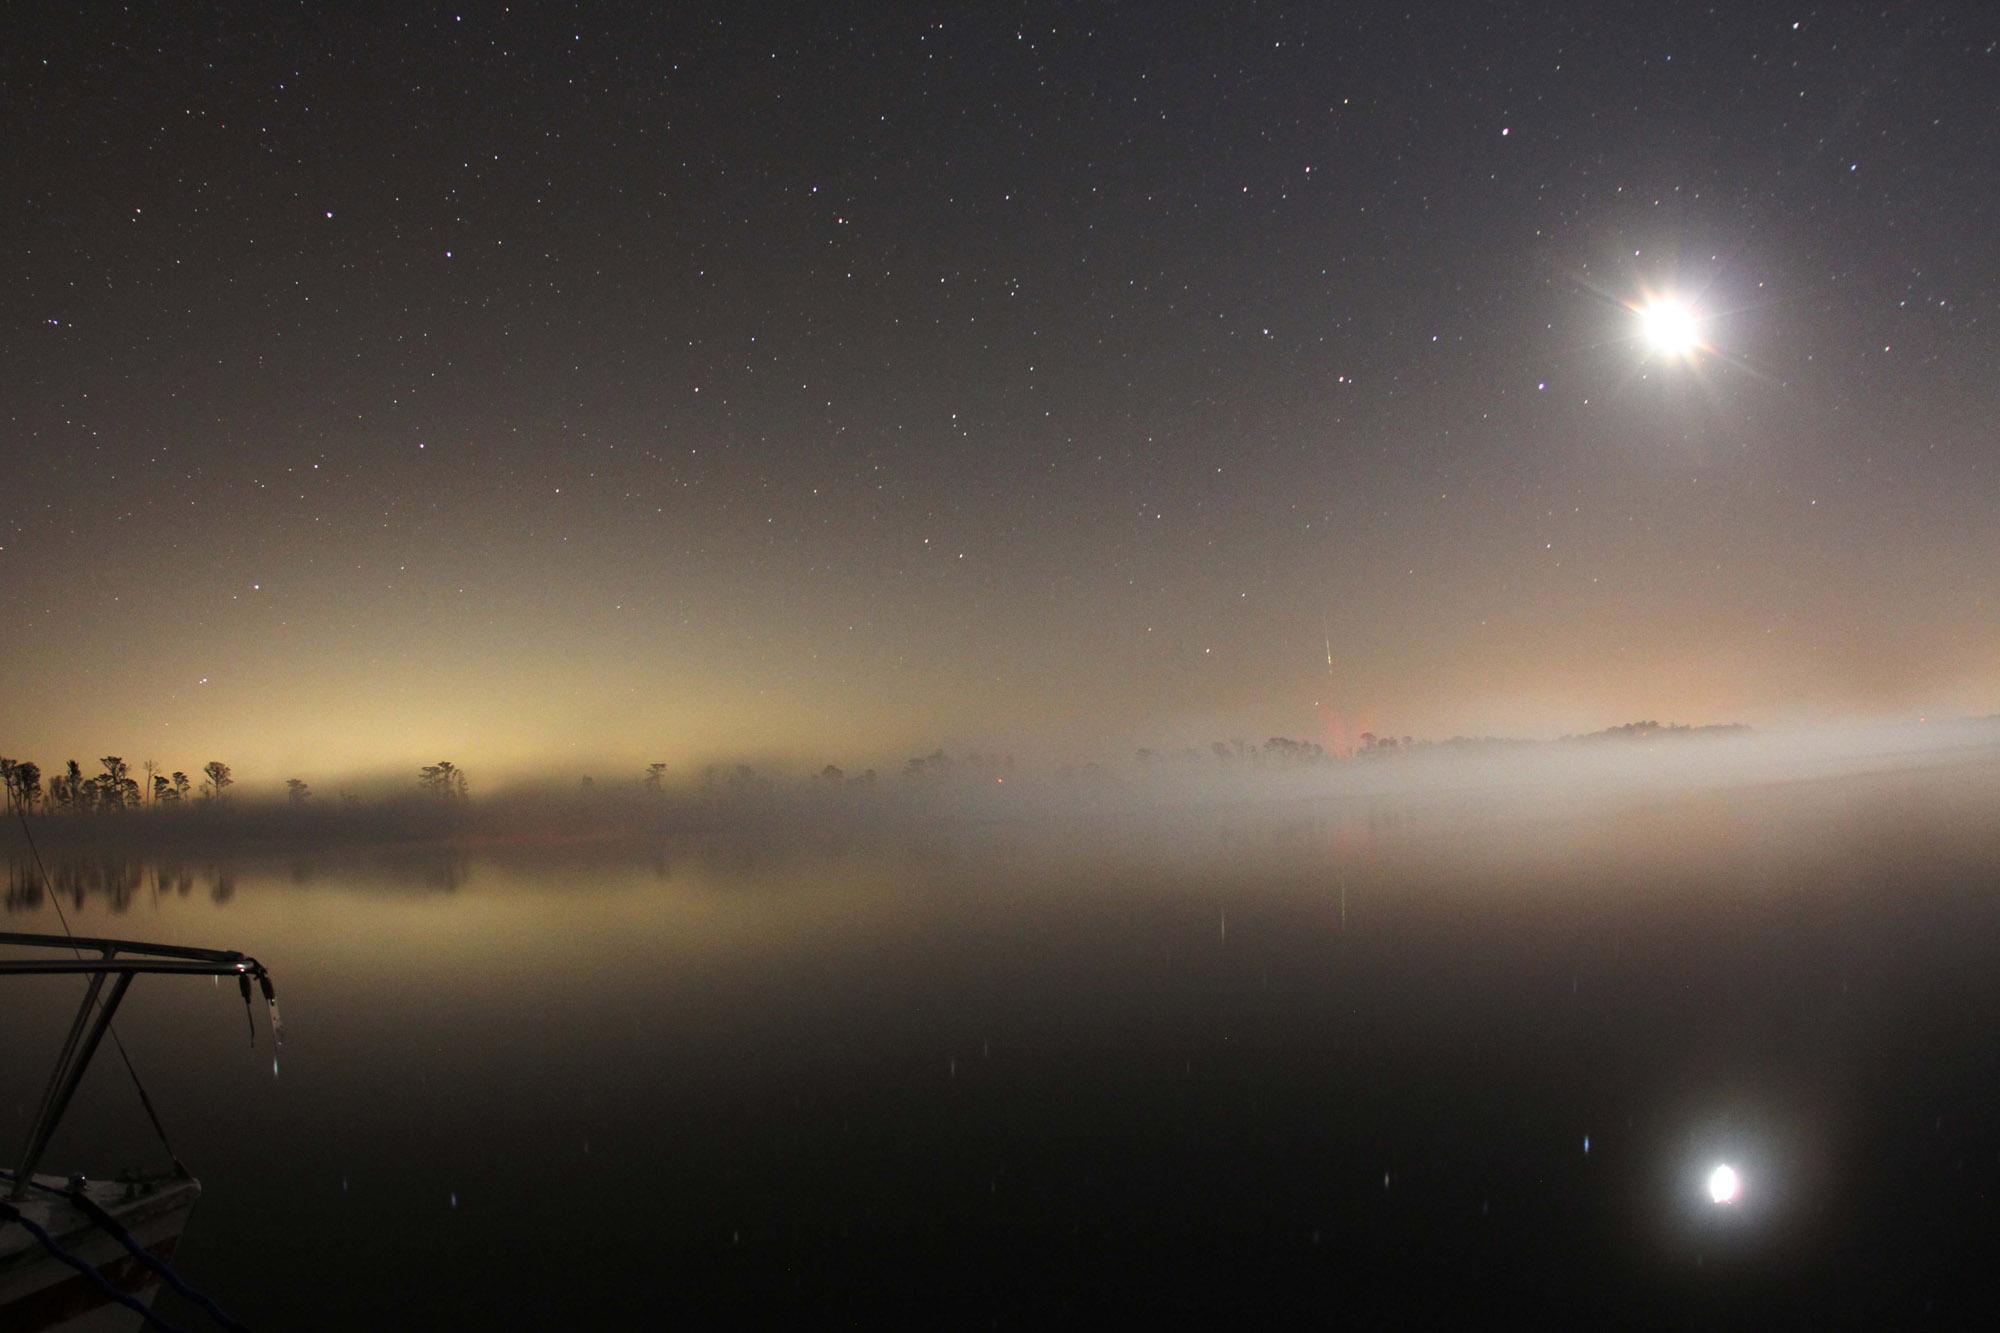 2011 Orionid Meteor Shower: Mark Staples